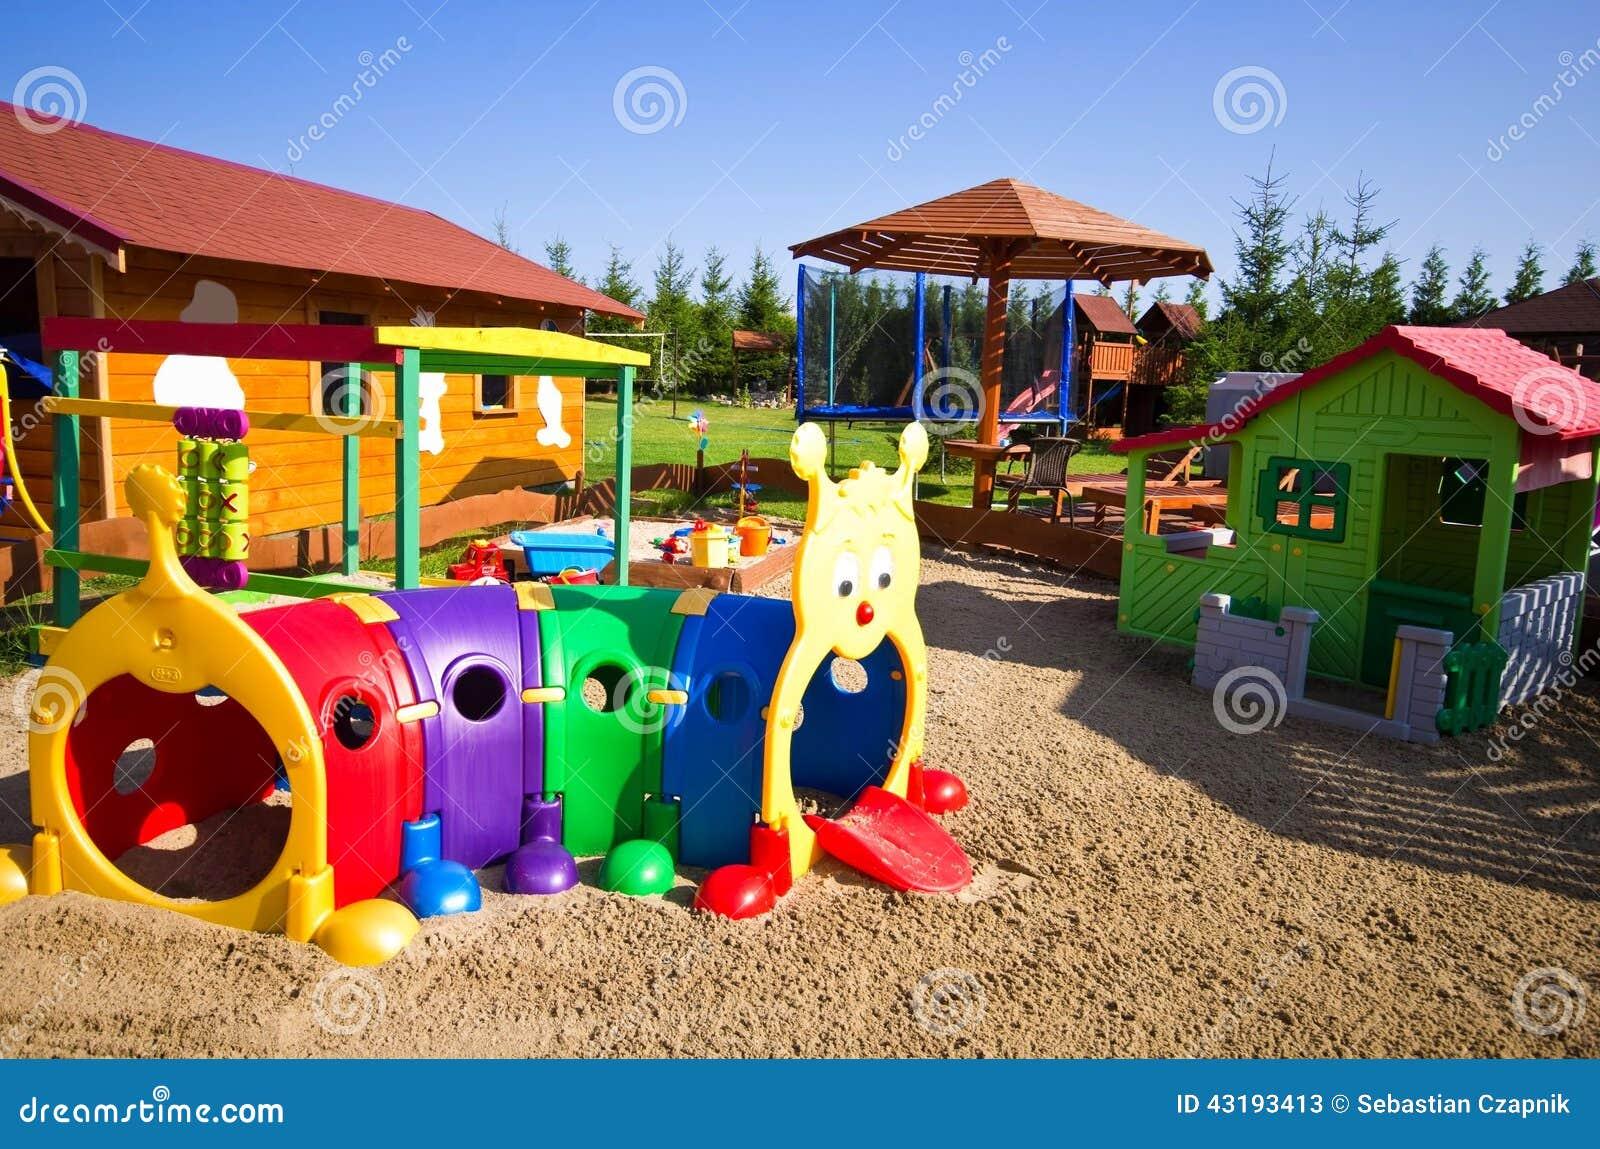 Juguetes del jard n para los ni os foto de archivo imagen 43193413 for Juegos de jardin para nios en puebla